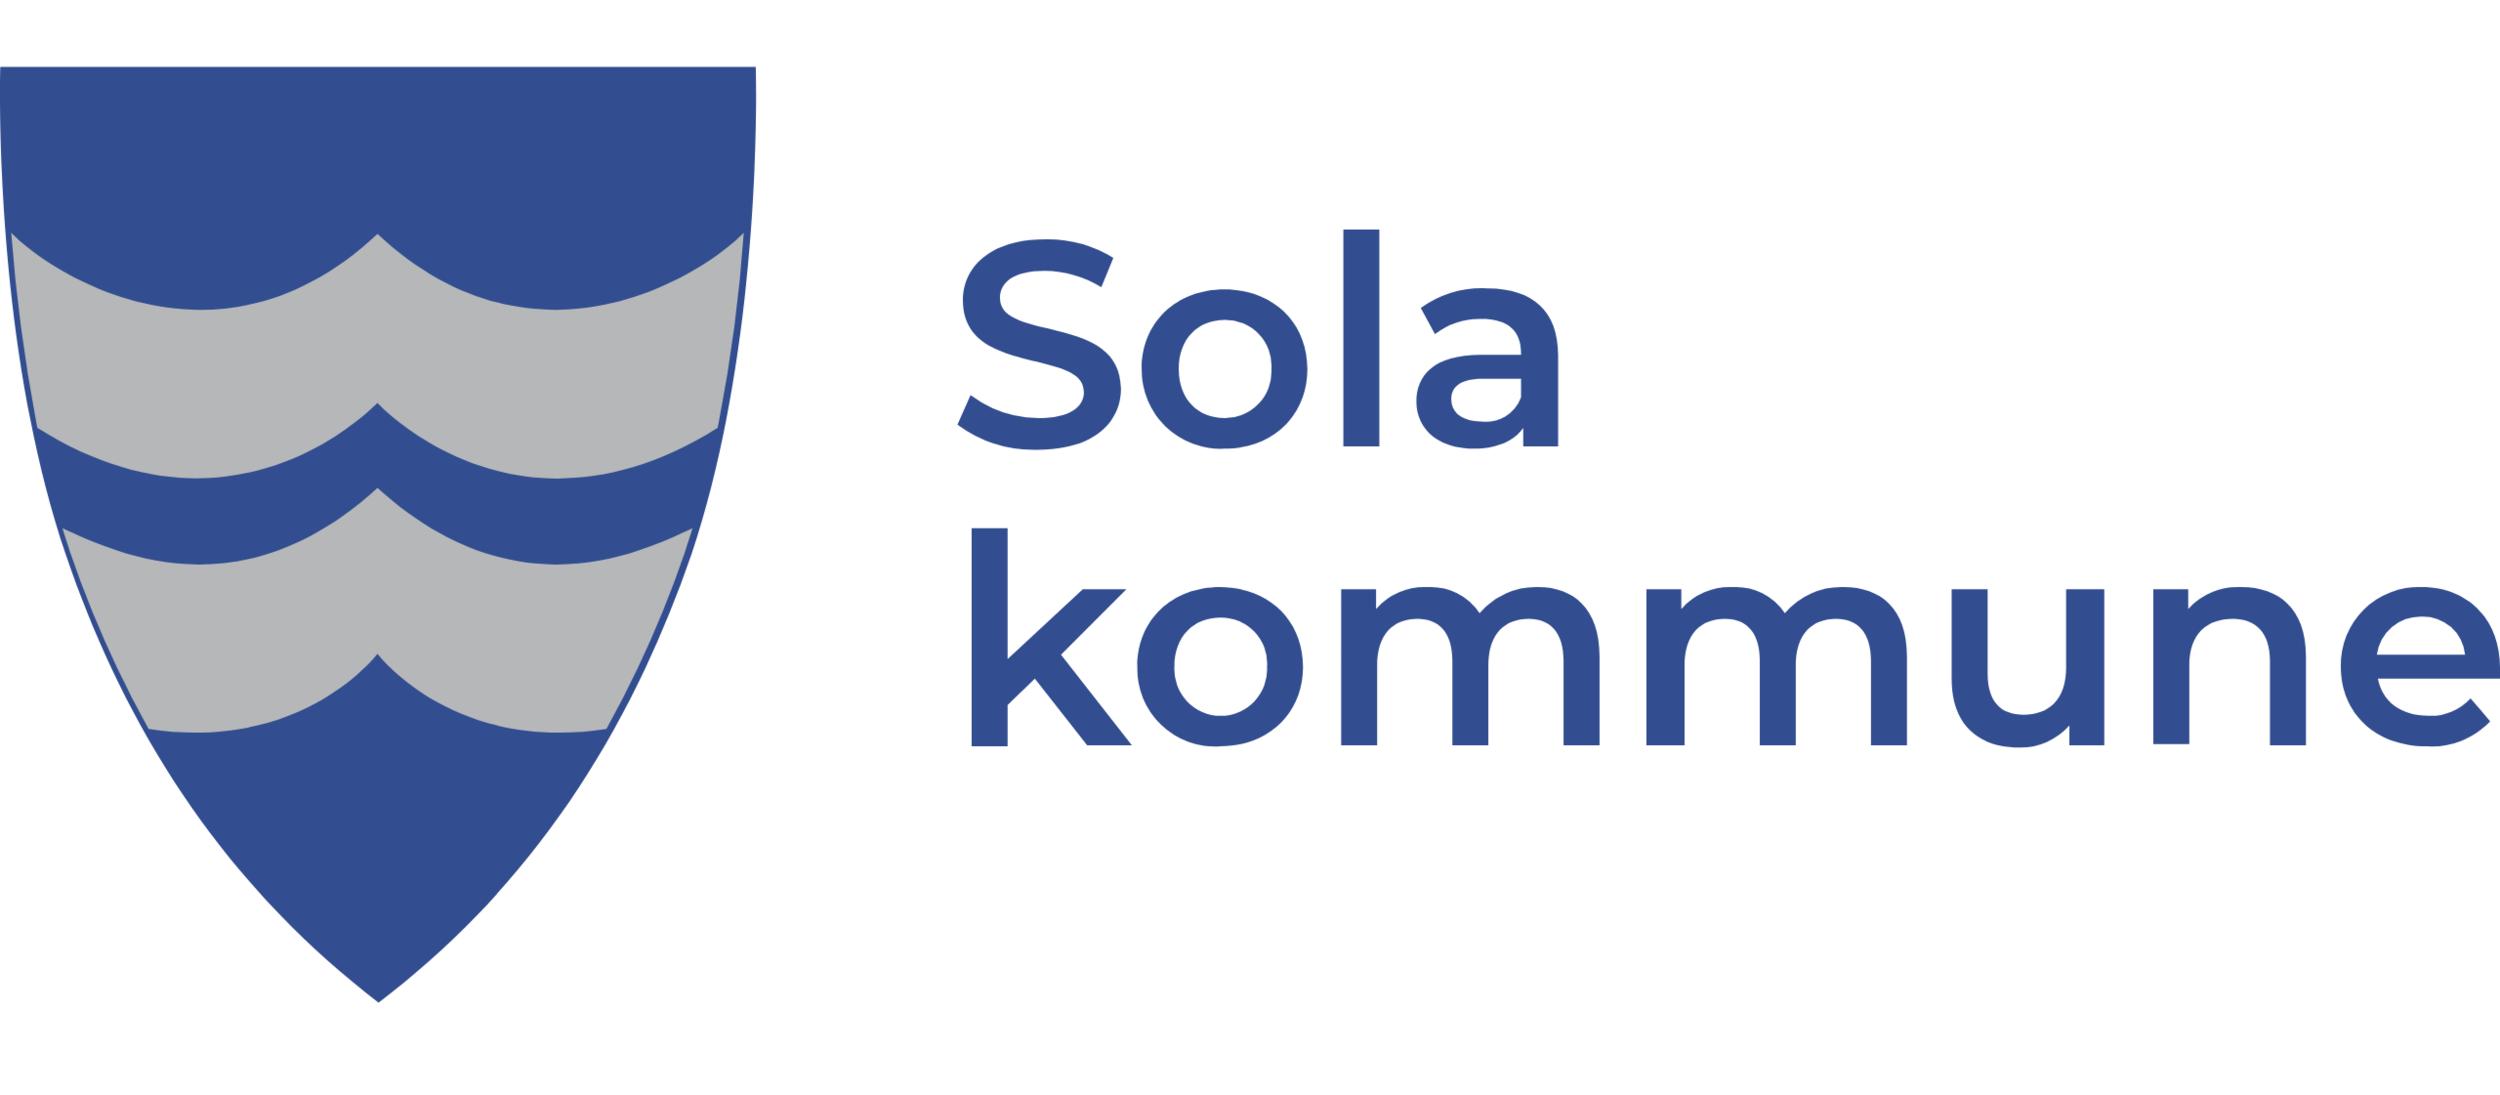 Velkommen til Sola!